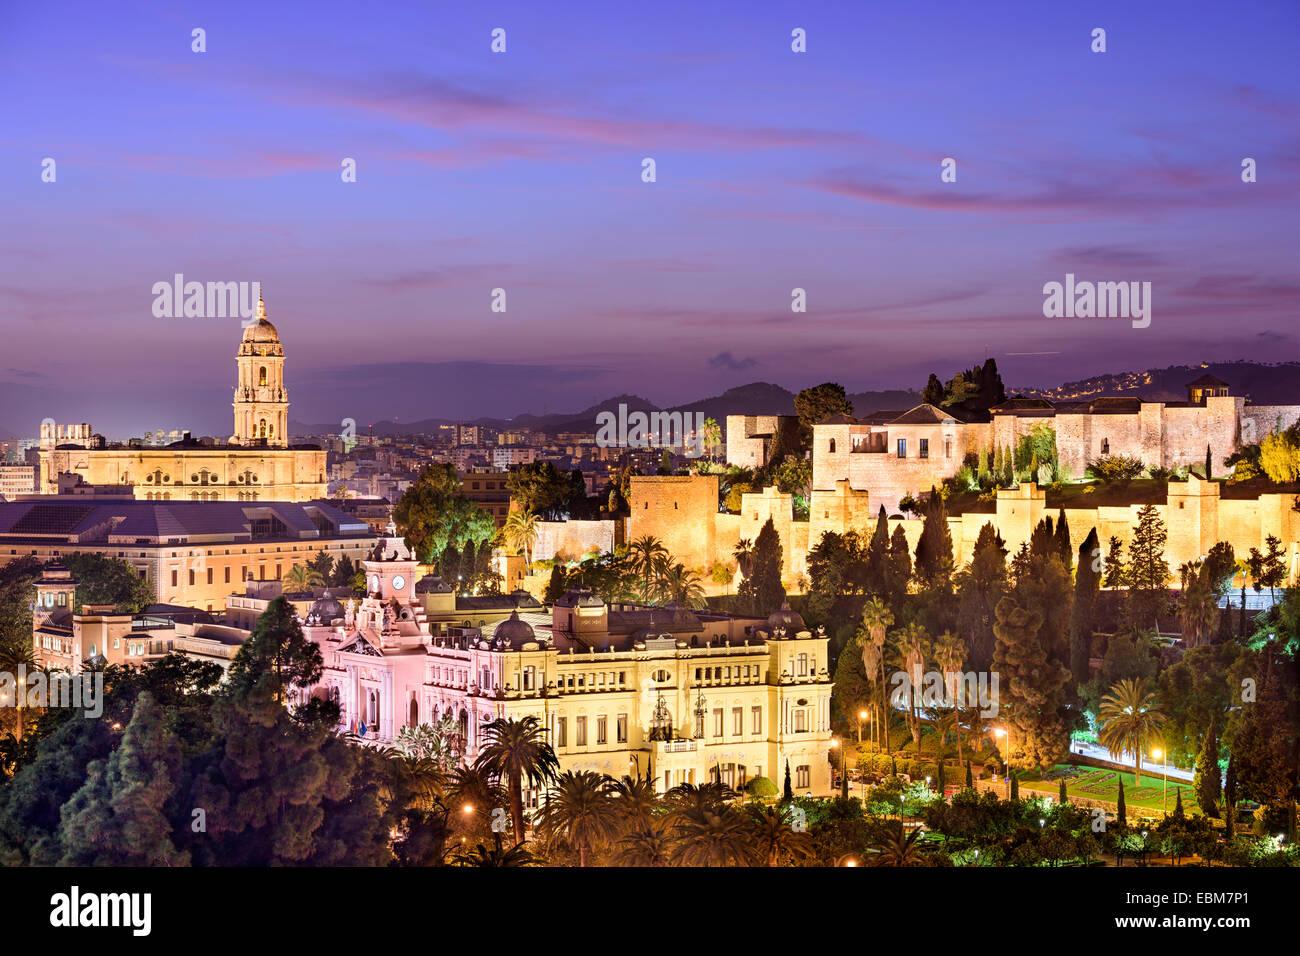 Malaga, Spain cityscape at the Cathedral, City Hall and Alcazaba Moorish fort. Stock Photo